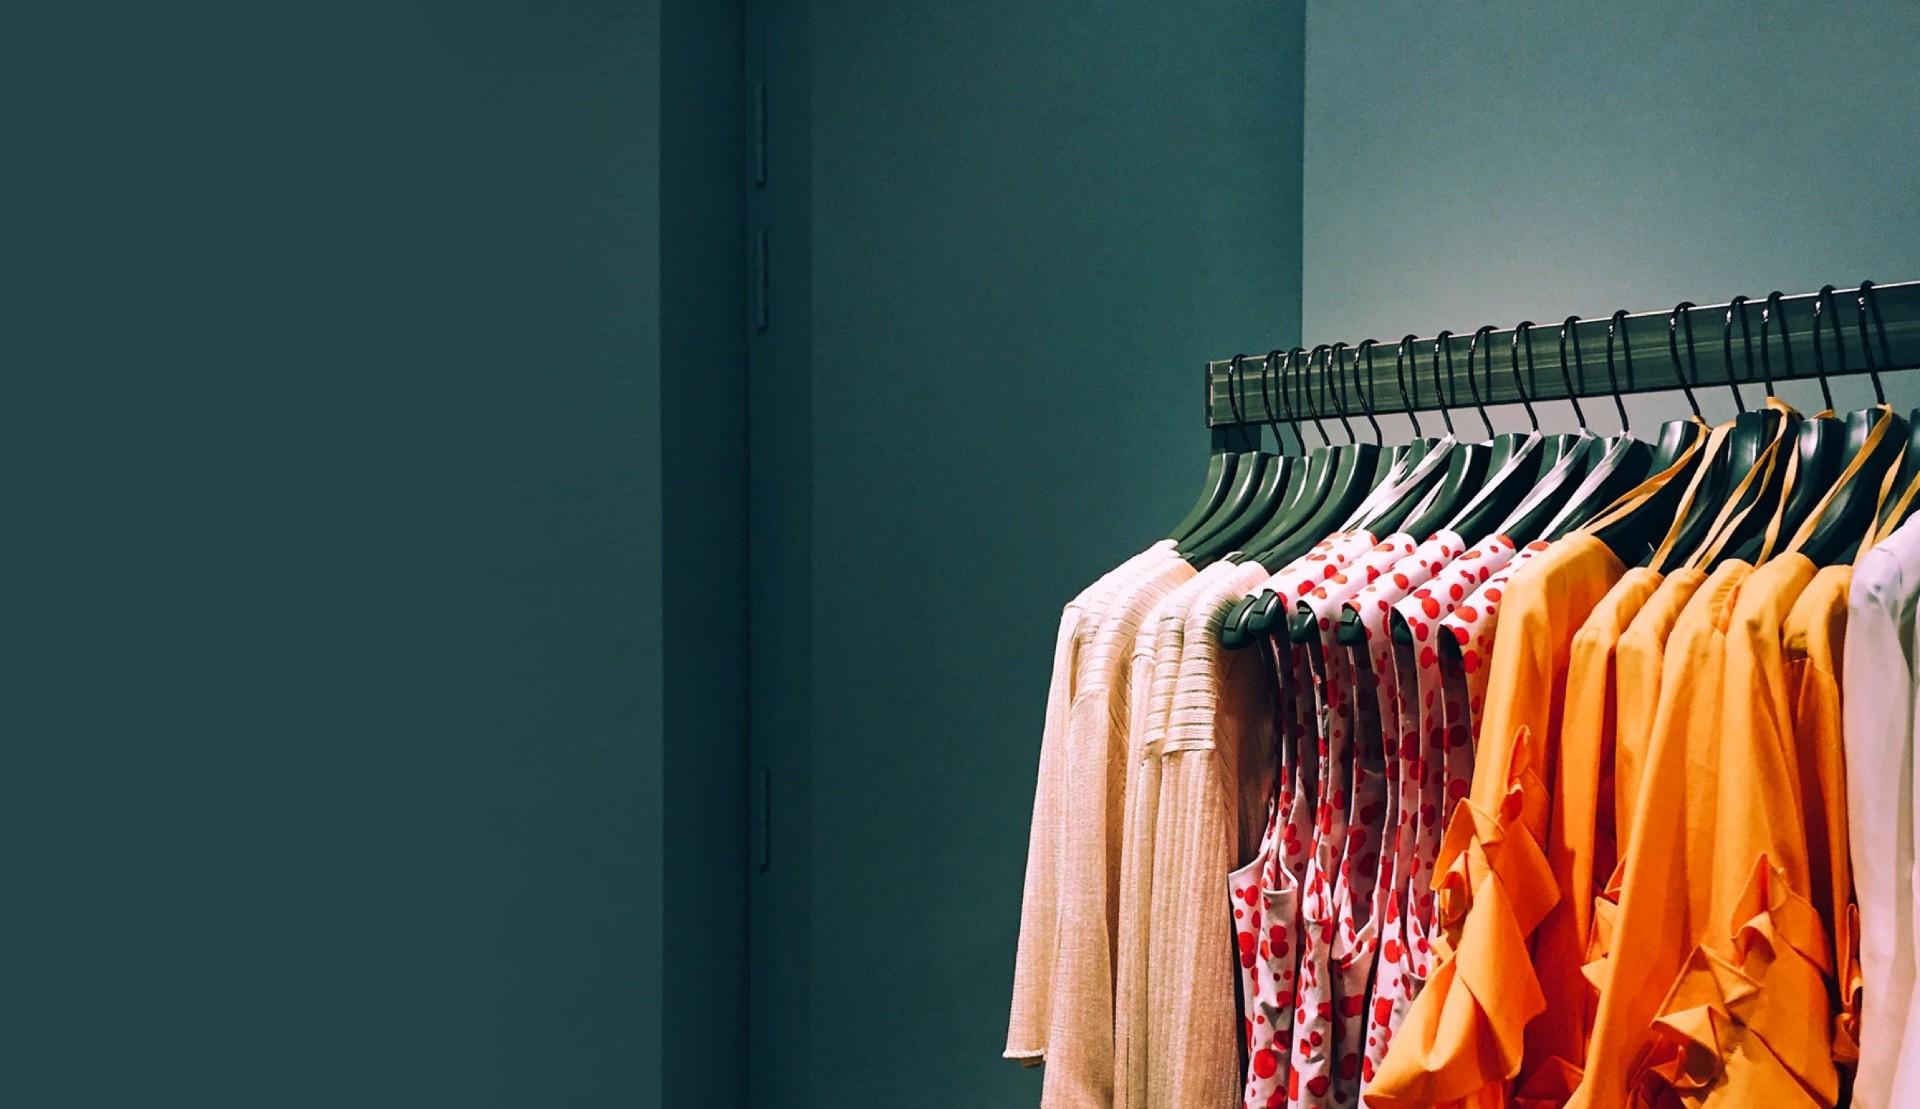 Bisnis pakaian wanita dan pria dengan tema warna cerah dan ceria yang sedang pameran koleksi terbaru dari edisi musim gugur